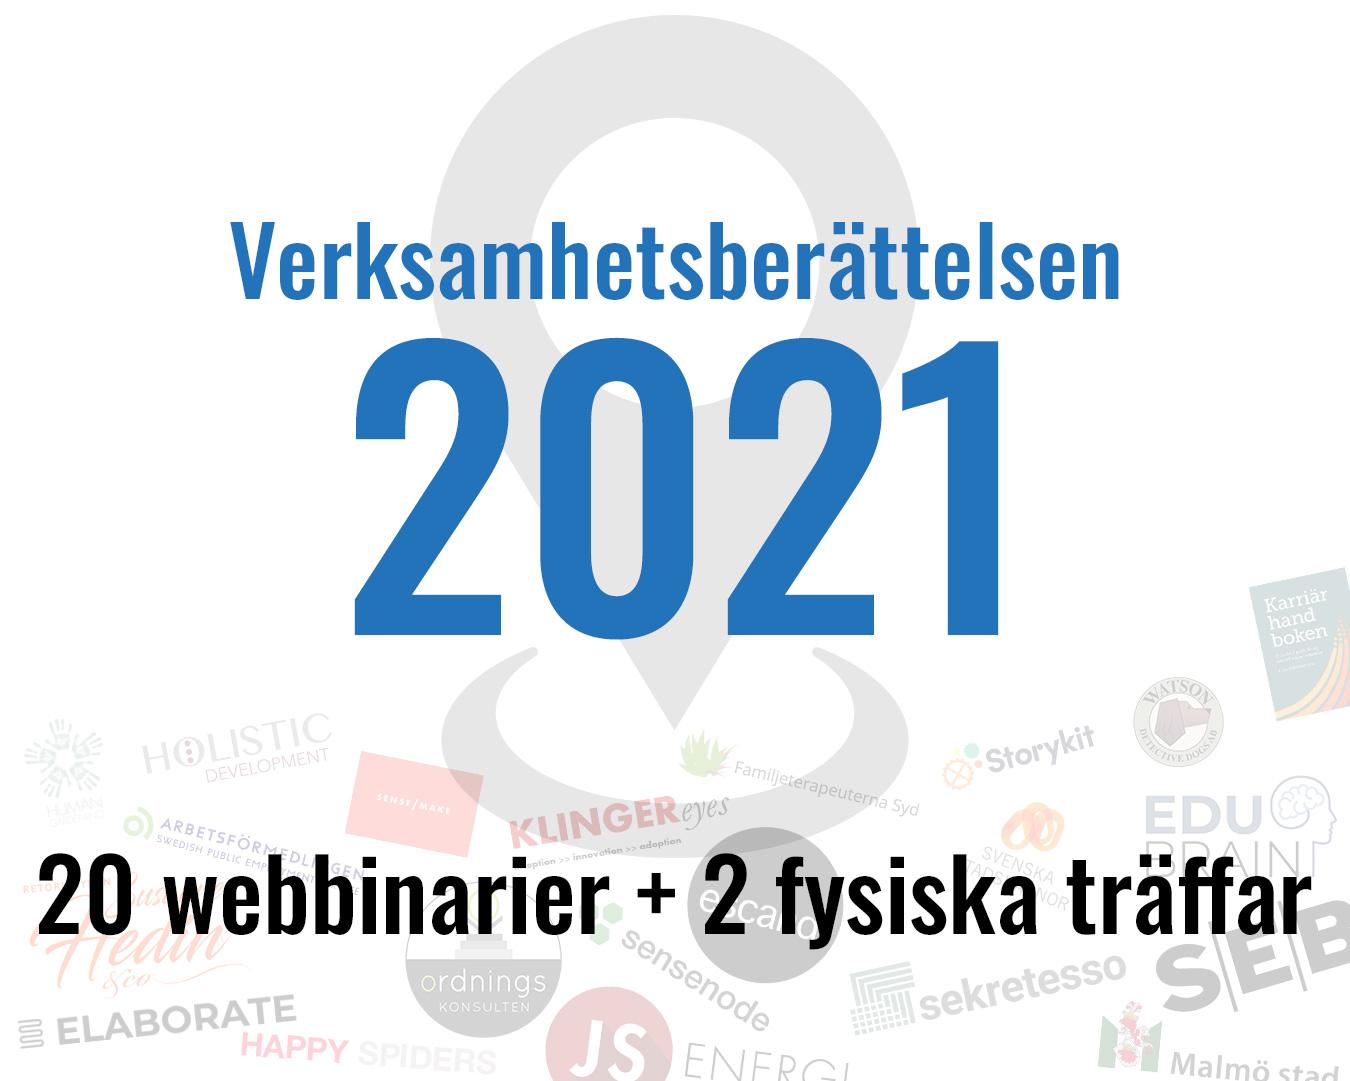 Verksamhetsberättelsen 2021 finns tillgänglig